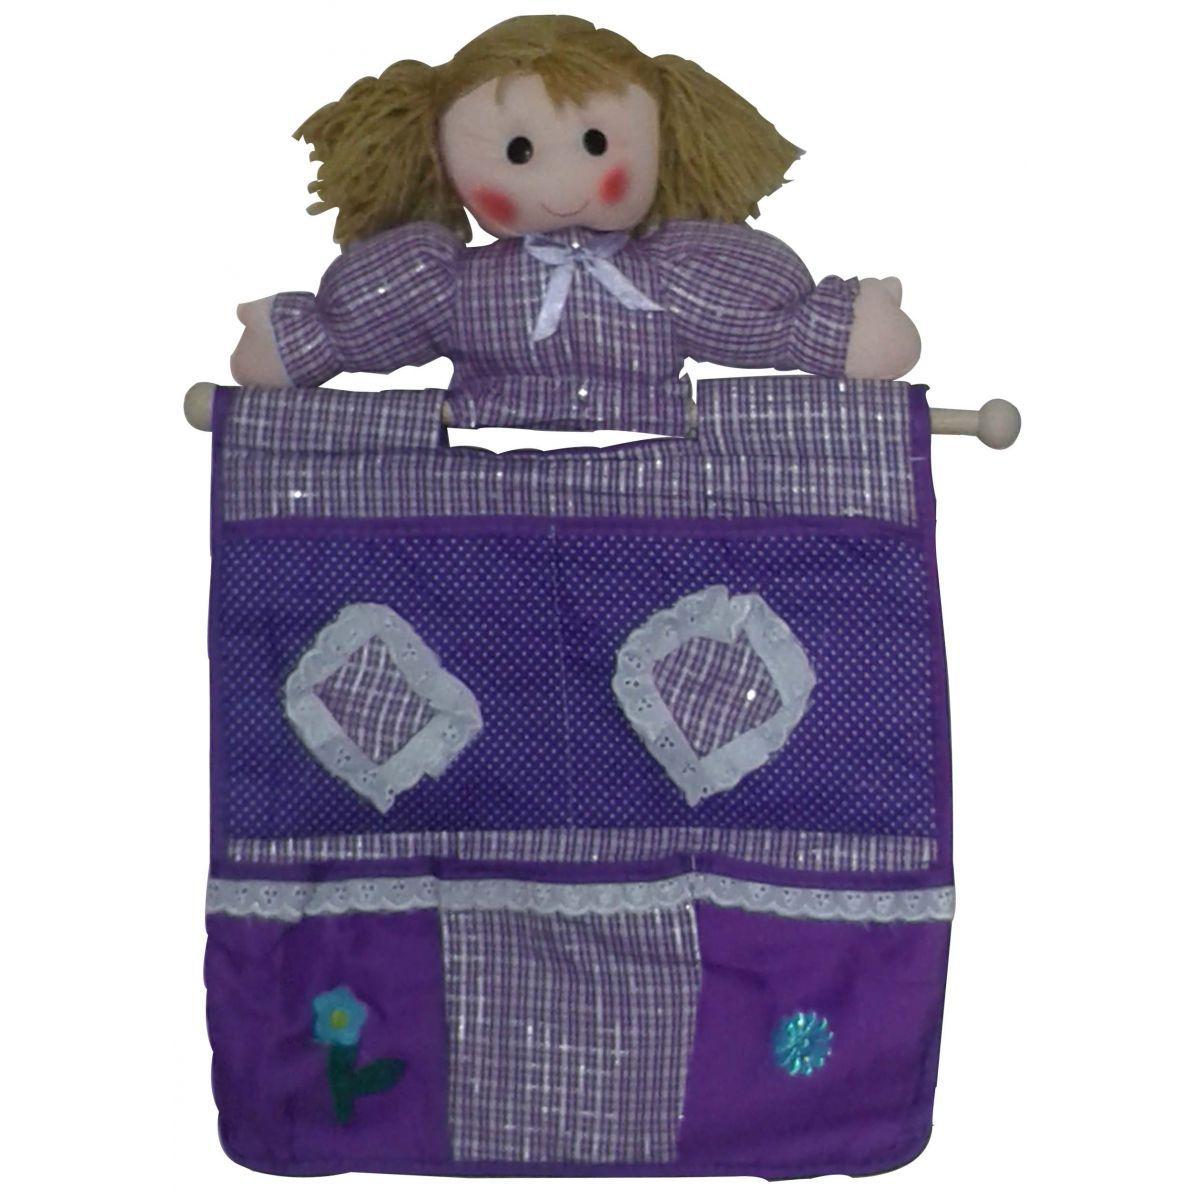 Porta Objetos Organizador Bonequiha com 4 bolsos- Frete Grátis.  - Thata Esportes